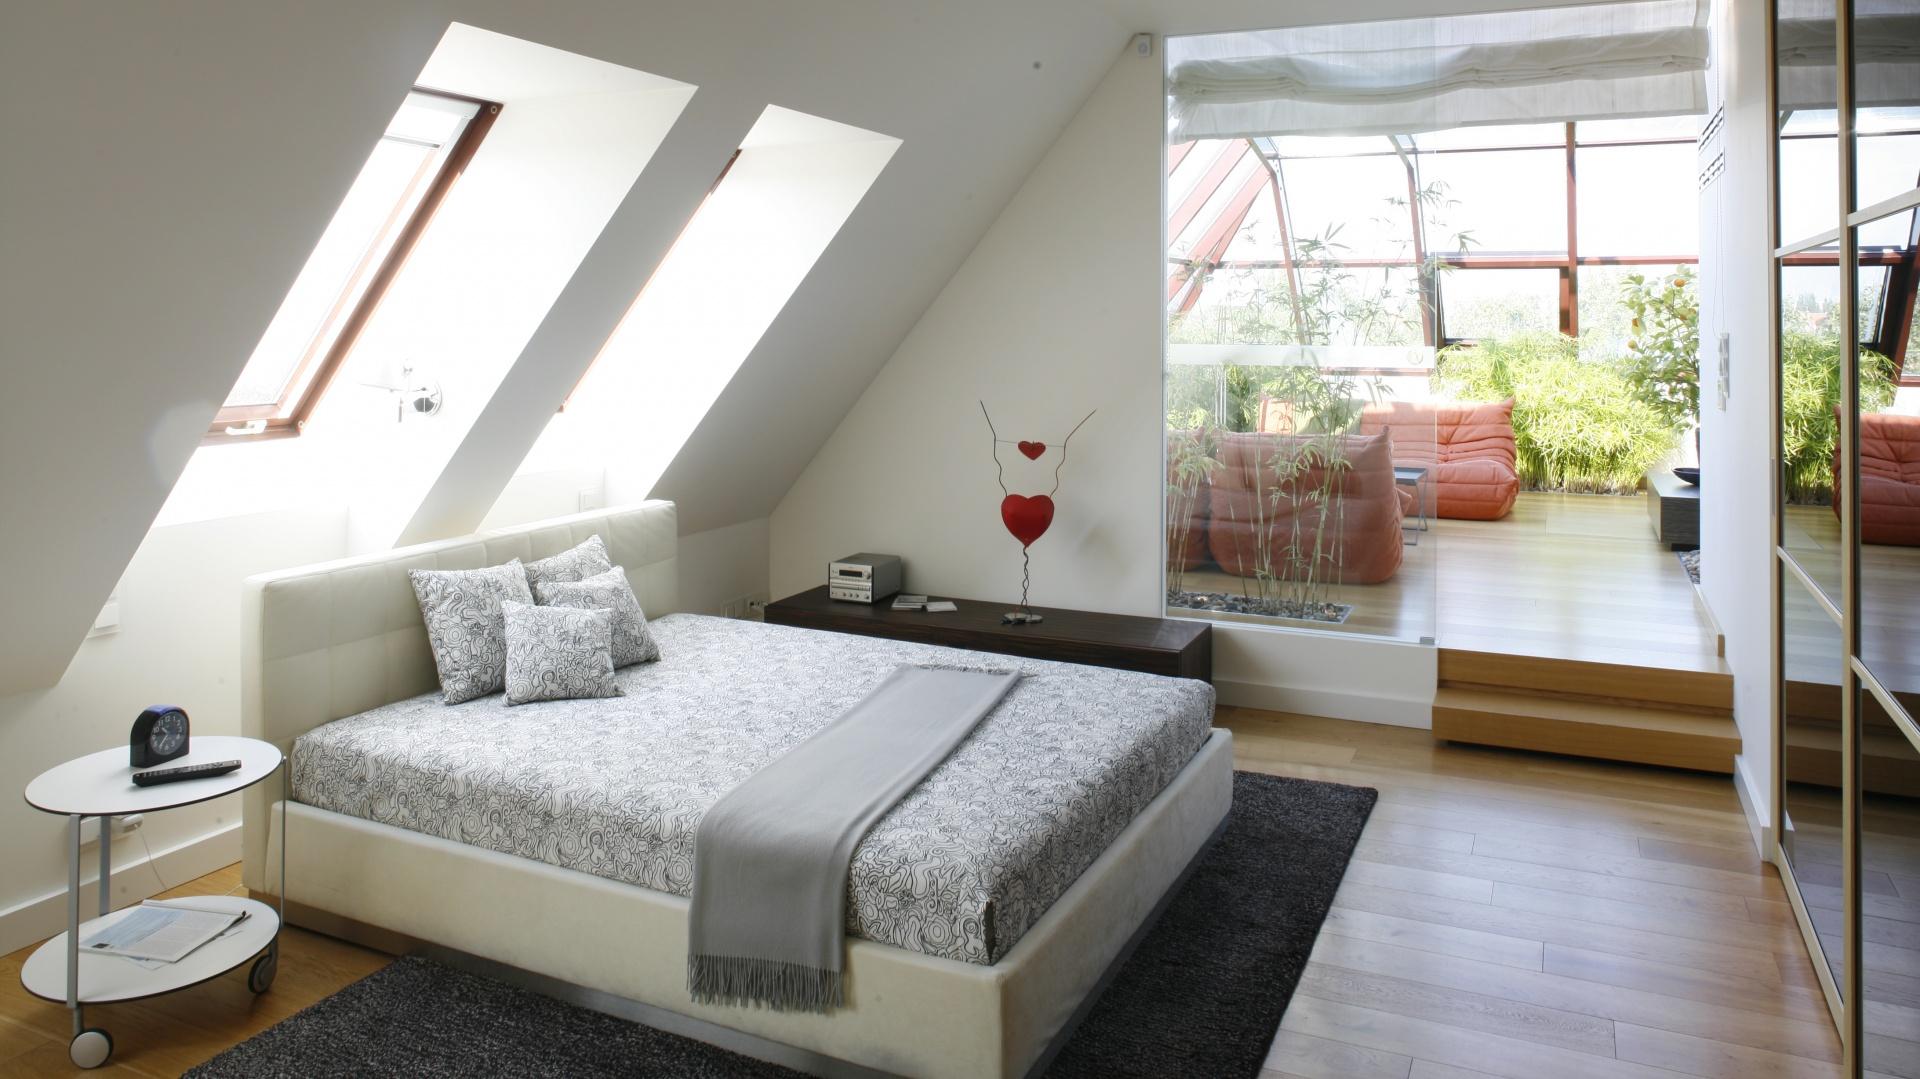 Sypialnia Na Piętrze Tak Urządzisz Ją Pod Skosami